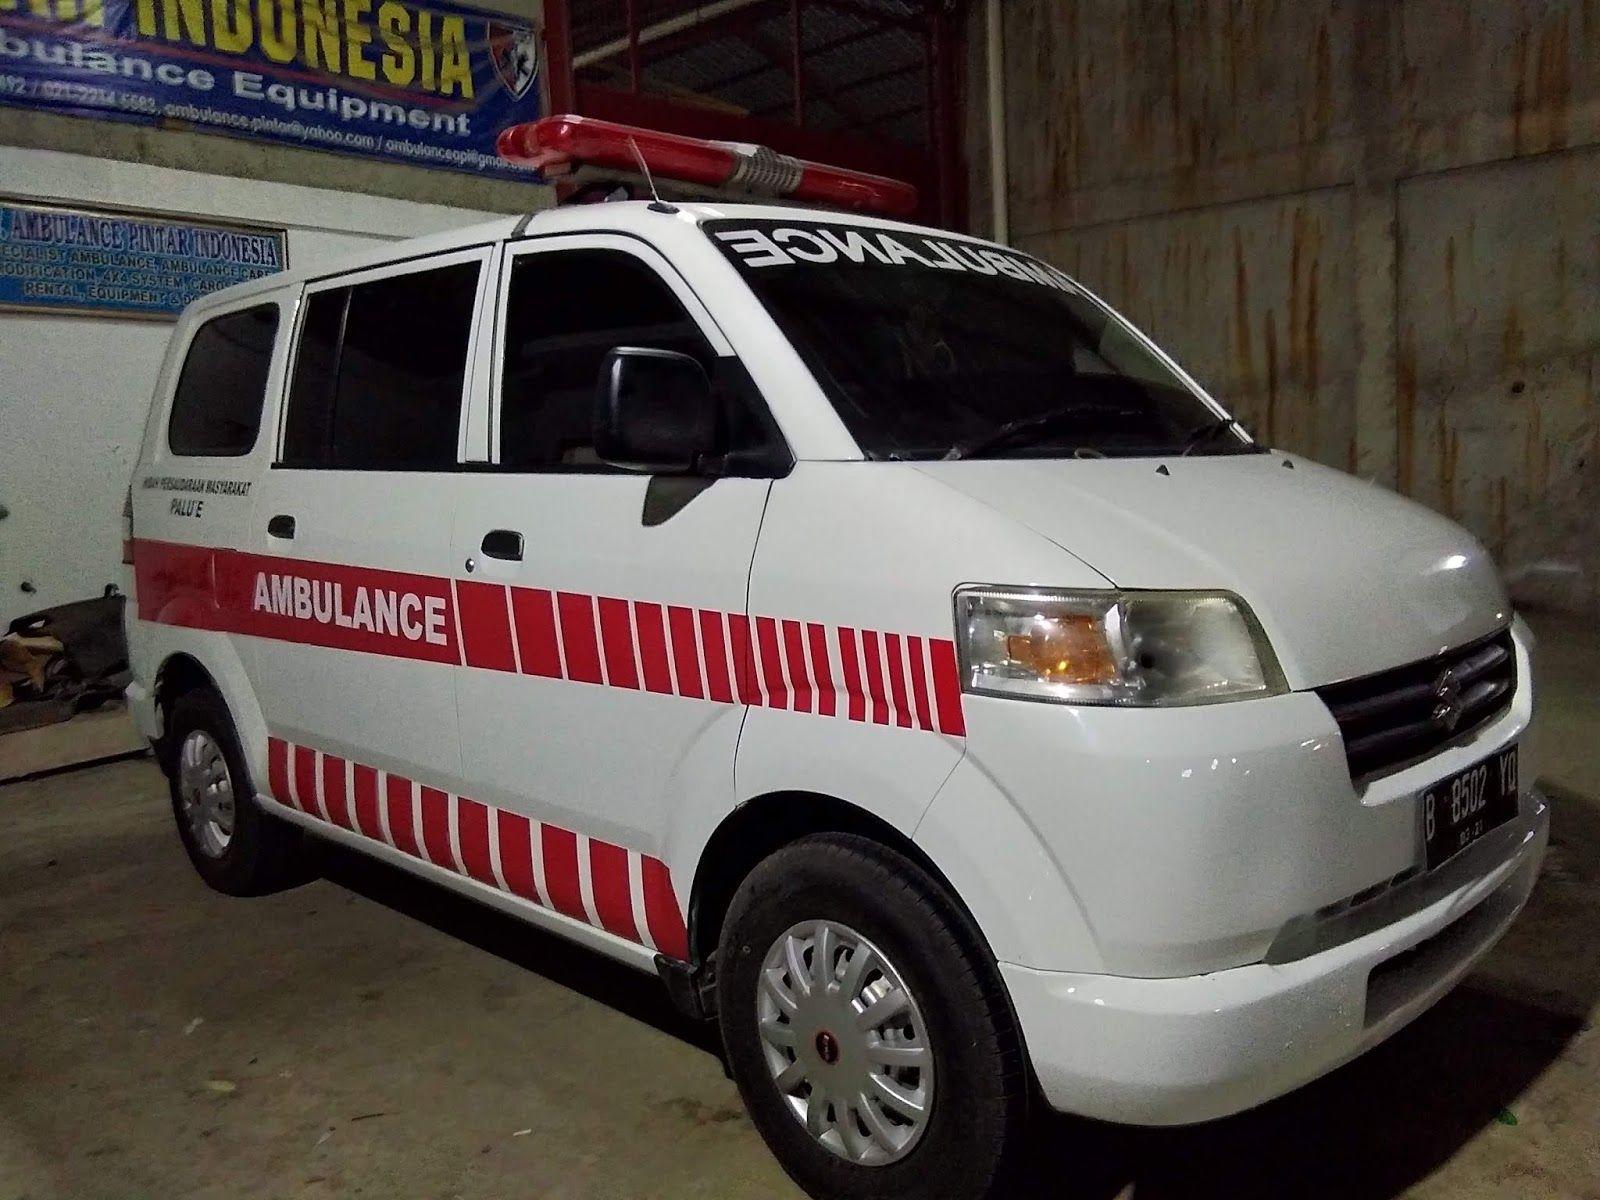 Ambulance Berlian Agen Mobil Ambulance Penyedia Ambulance Desa Siaga 081284074126 Ambulans Mobil Merek Mobil